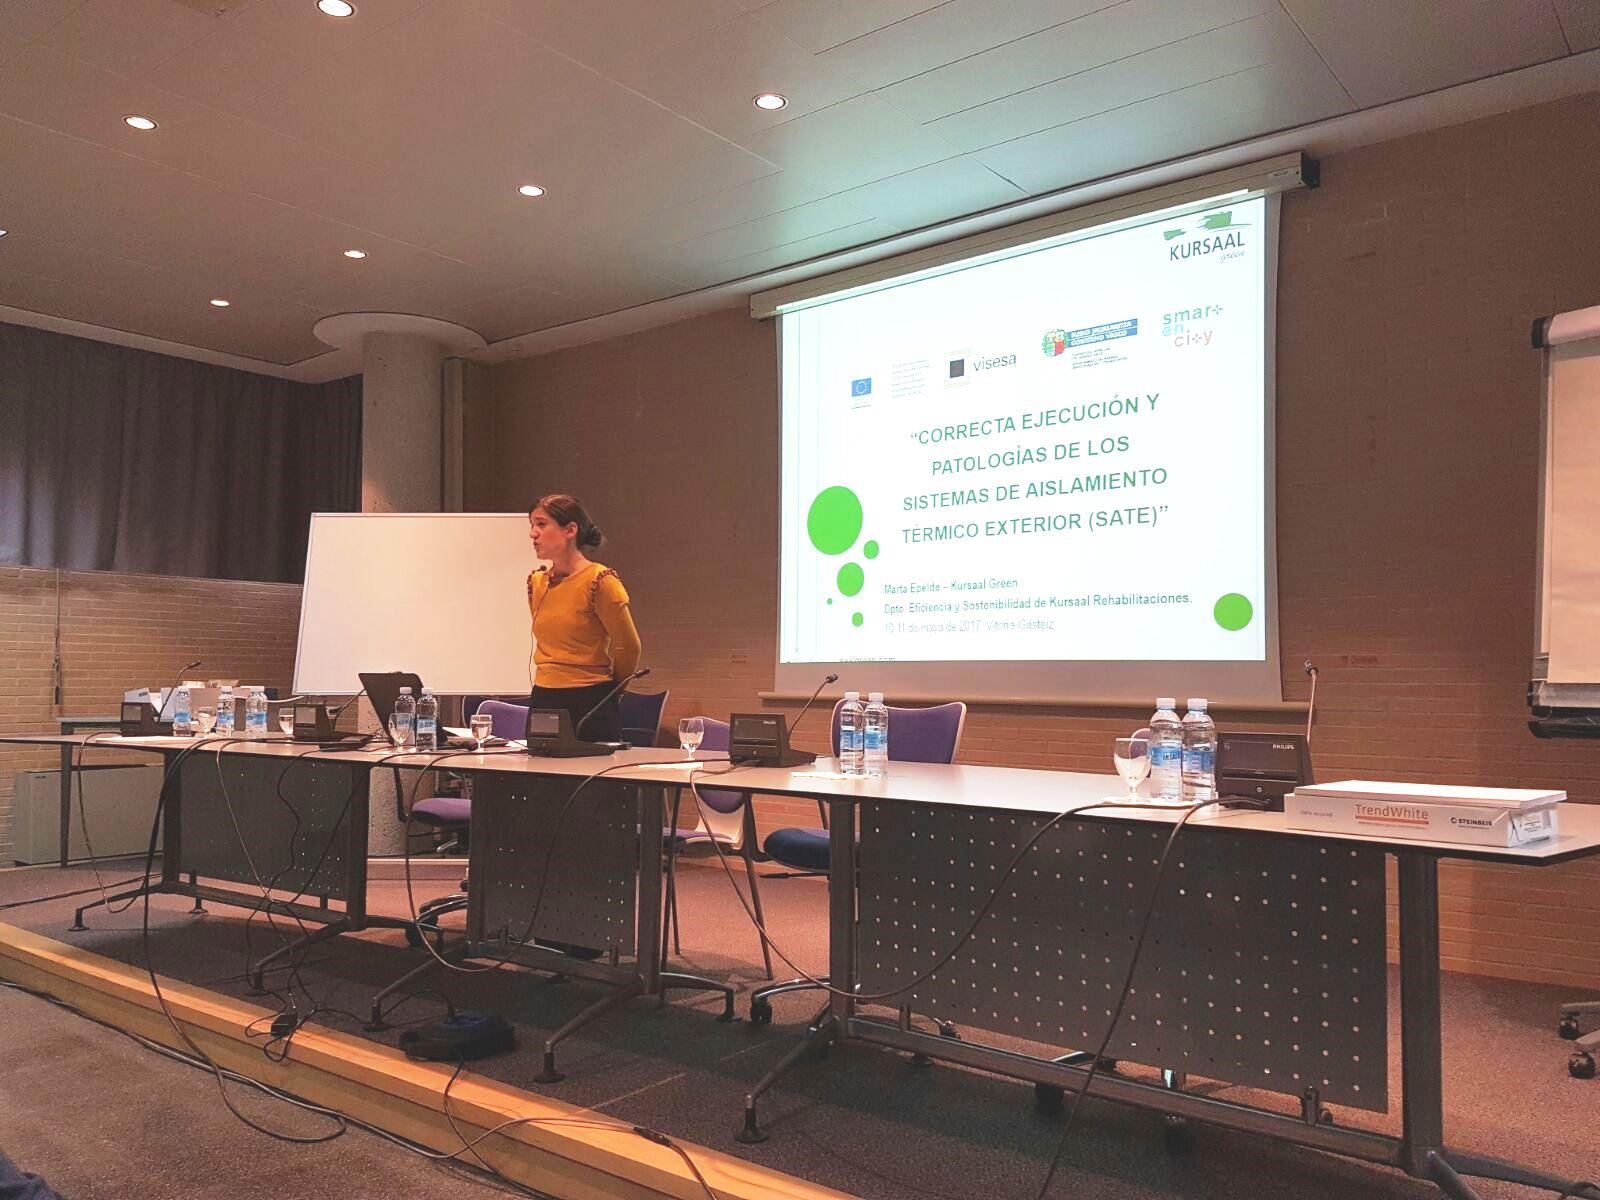 foto noticia: Kursaal Green ha impartido formación en la 1ª Reunión del proyecto Smartencity, organizado por Visesa